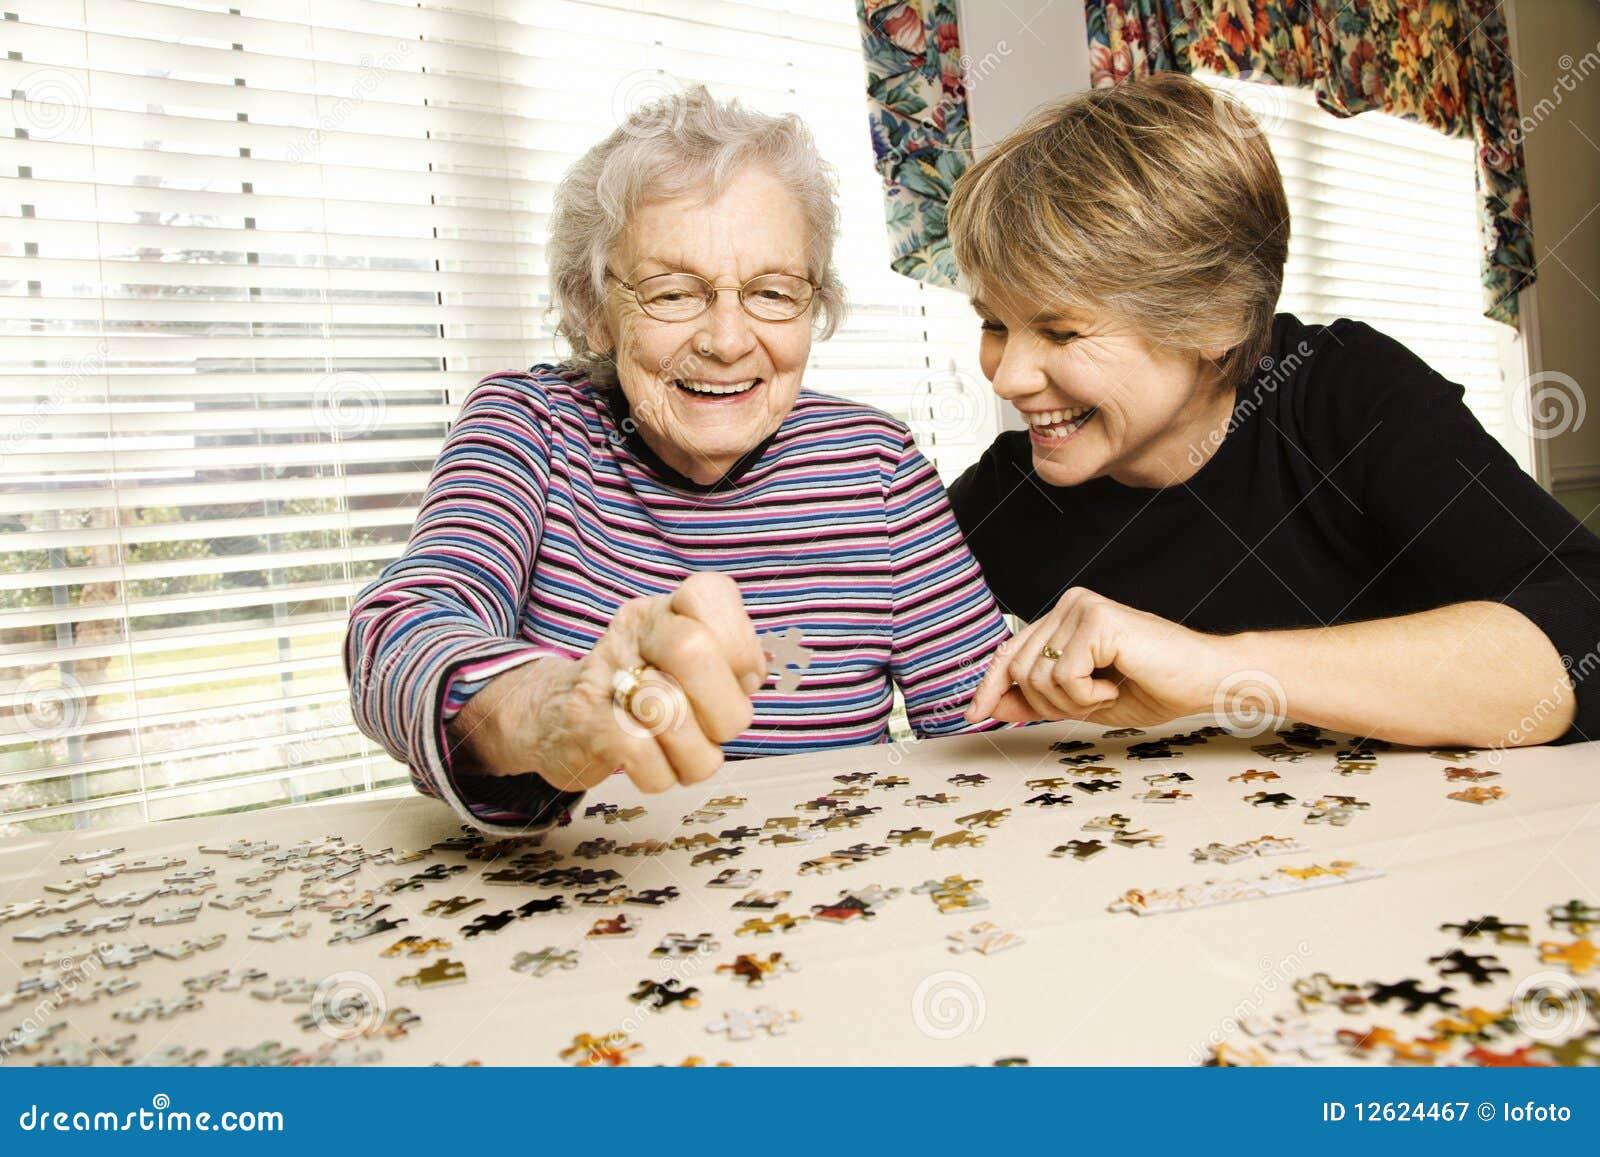 Ältere Frau und jüngere Frau, die Puzzlespiel tut